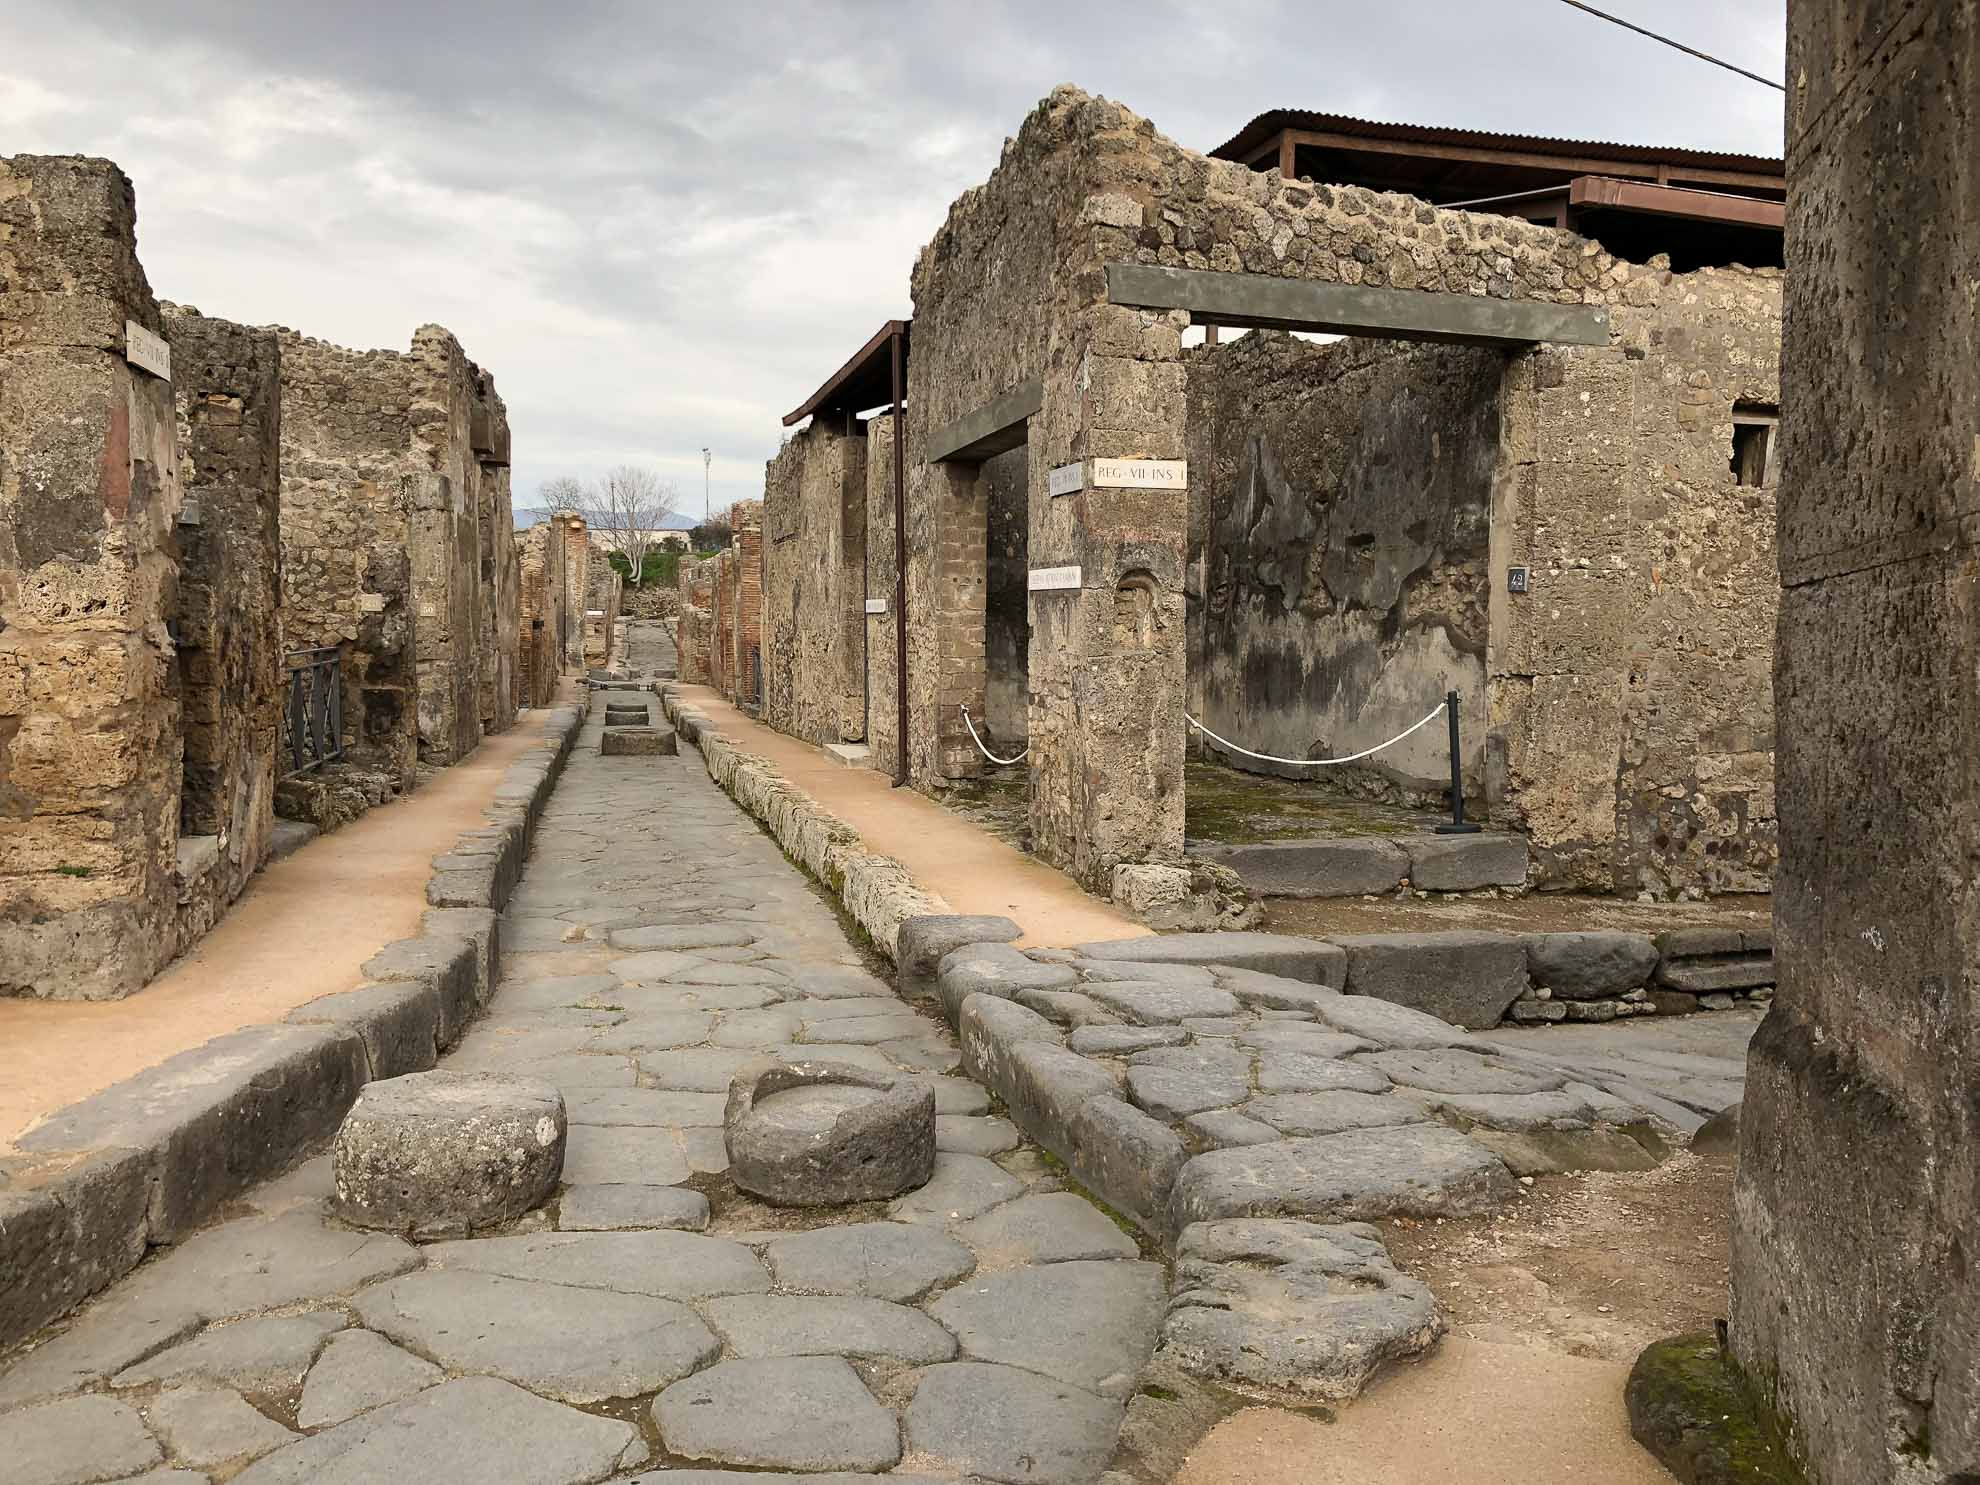 Kaum vorstellbar, dass nach dem Ausbruch des Vesuv im Jahr 79 n. Chr. eine bis zu 6 Meter dicke Ascheschicht all dies unter sich begrub.